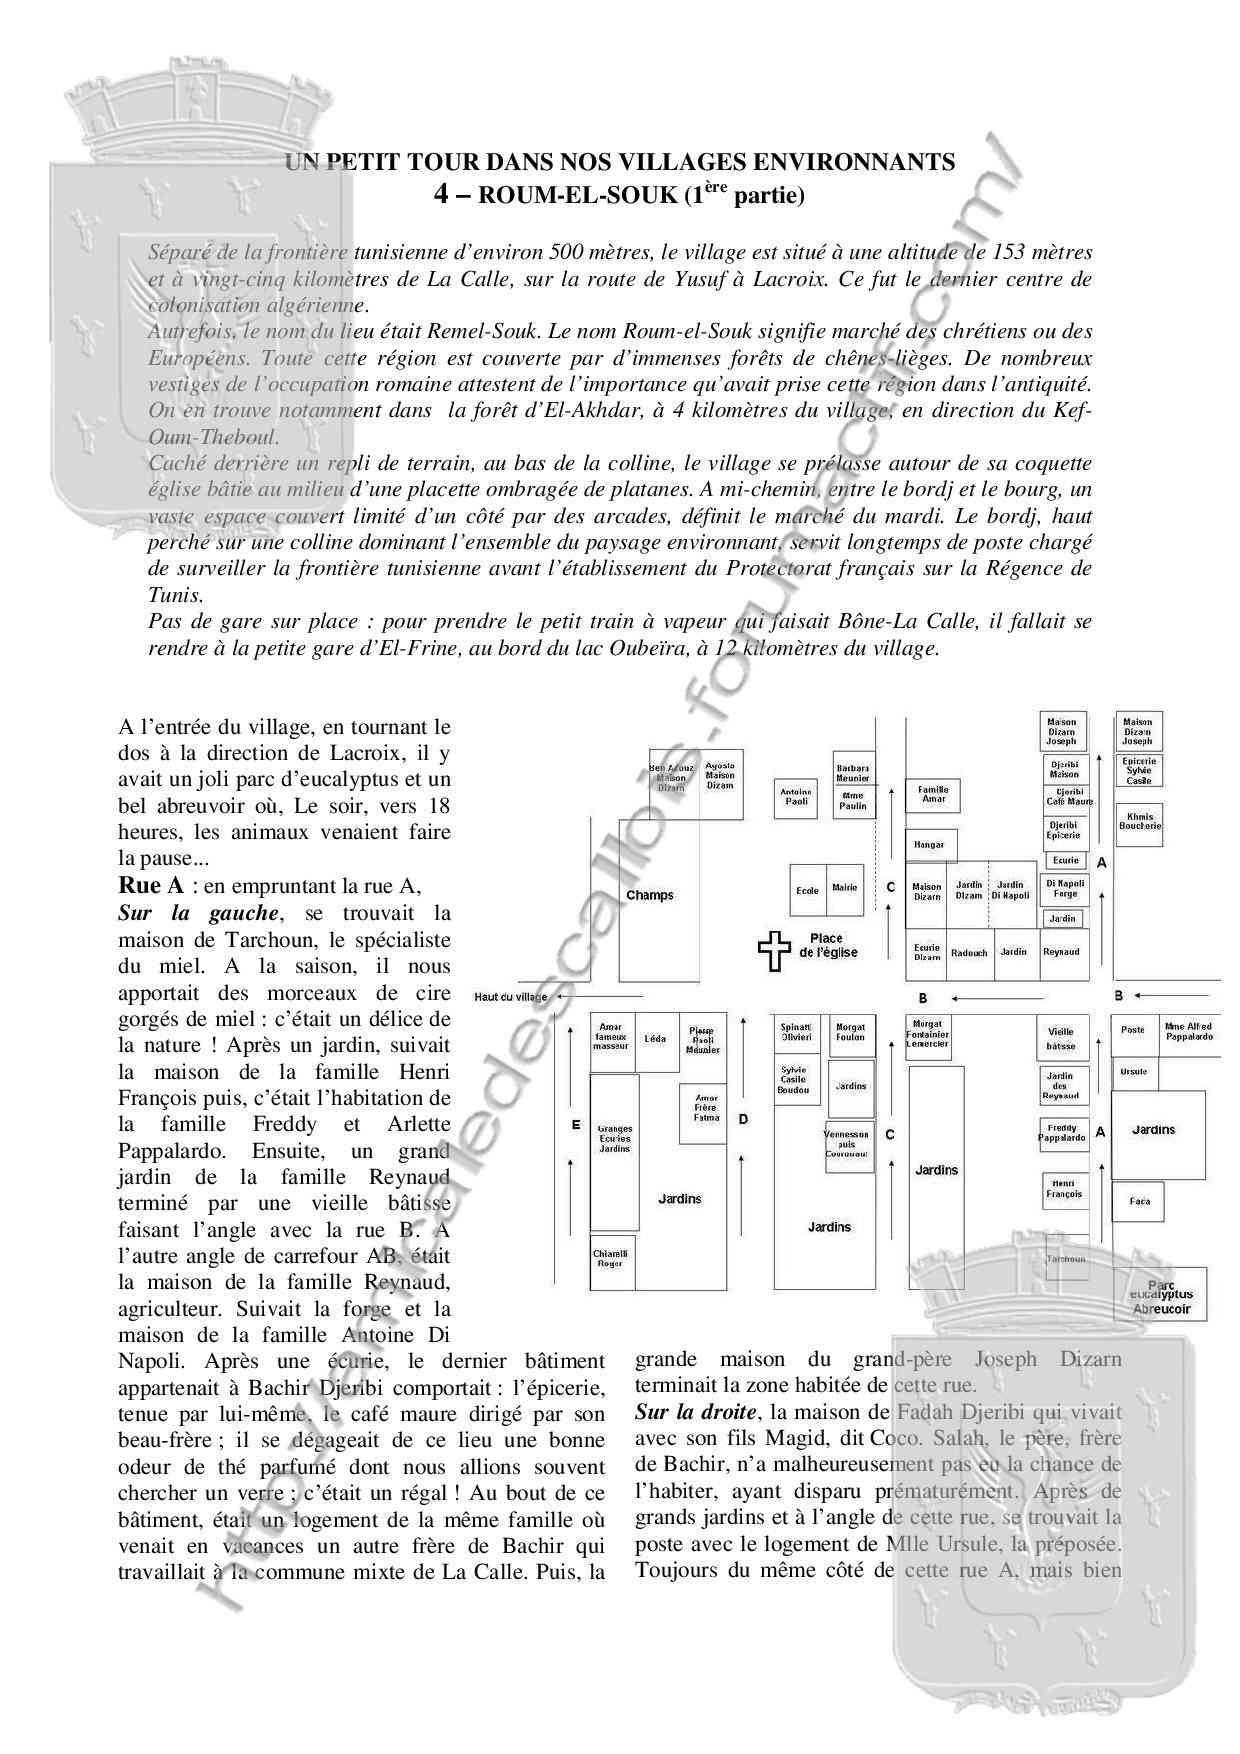 ROUM – EL – SOUK - Article paru sur le PC n° 127 Roum-e10